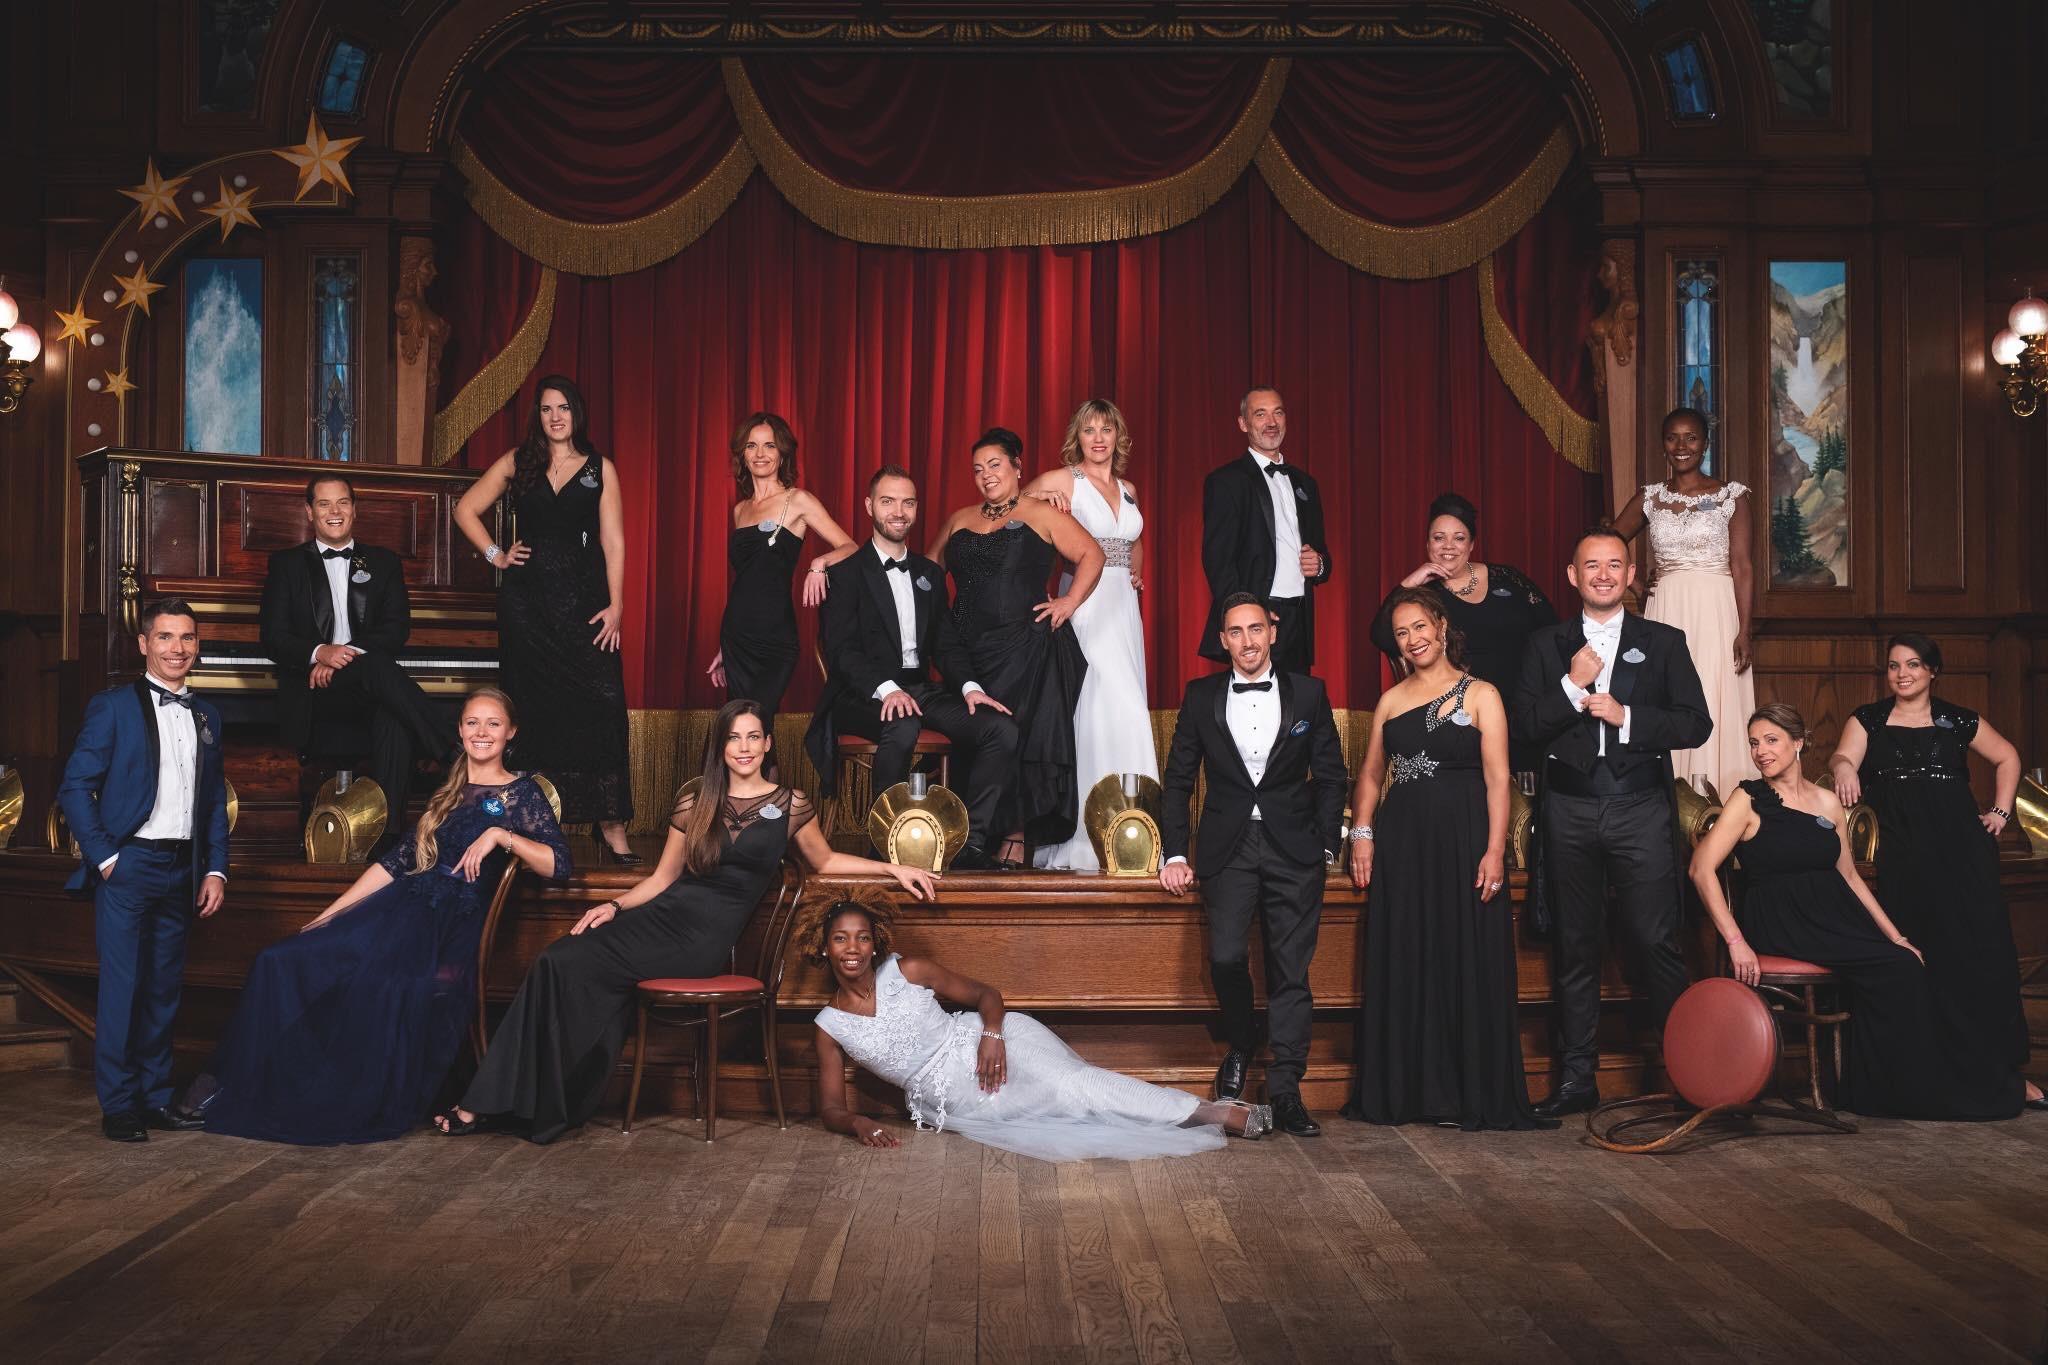 Ambasciatori Disneyland Paris 2019 - 2020 - Pagina 4 Vogue_10